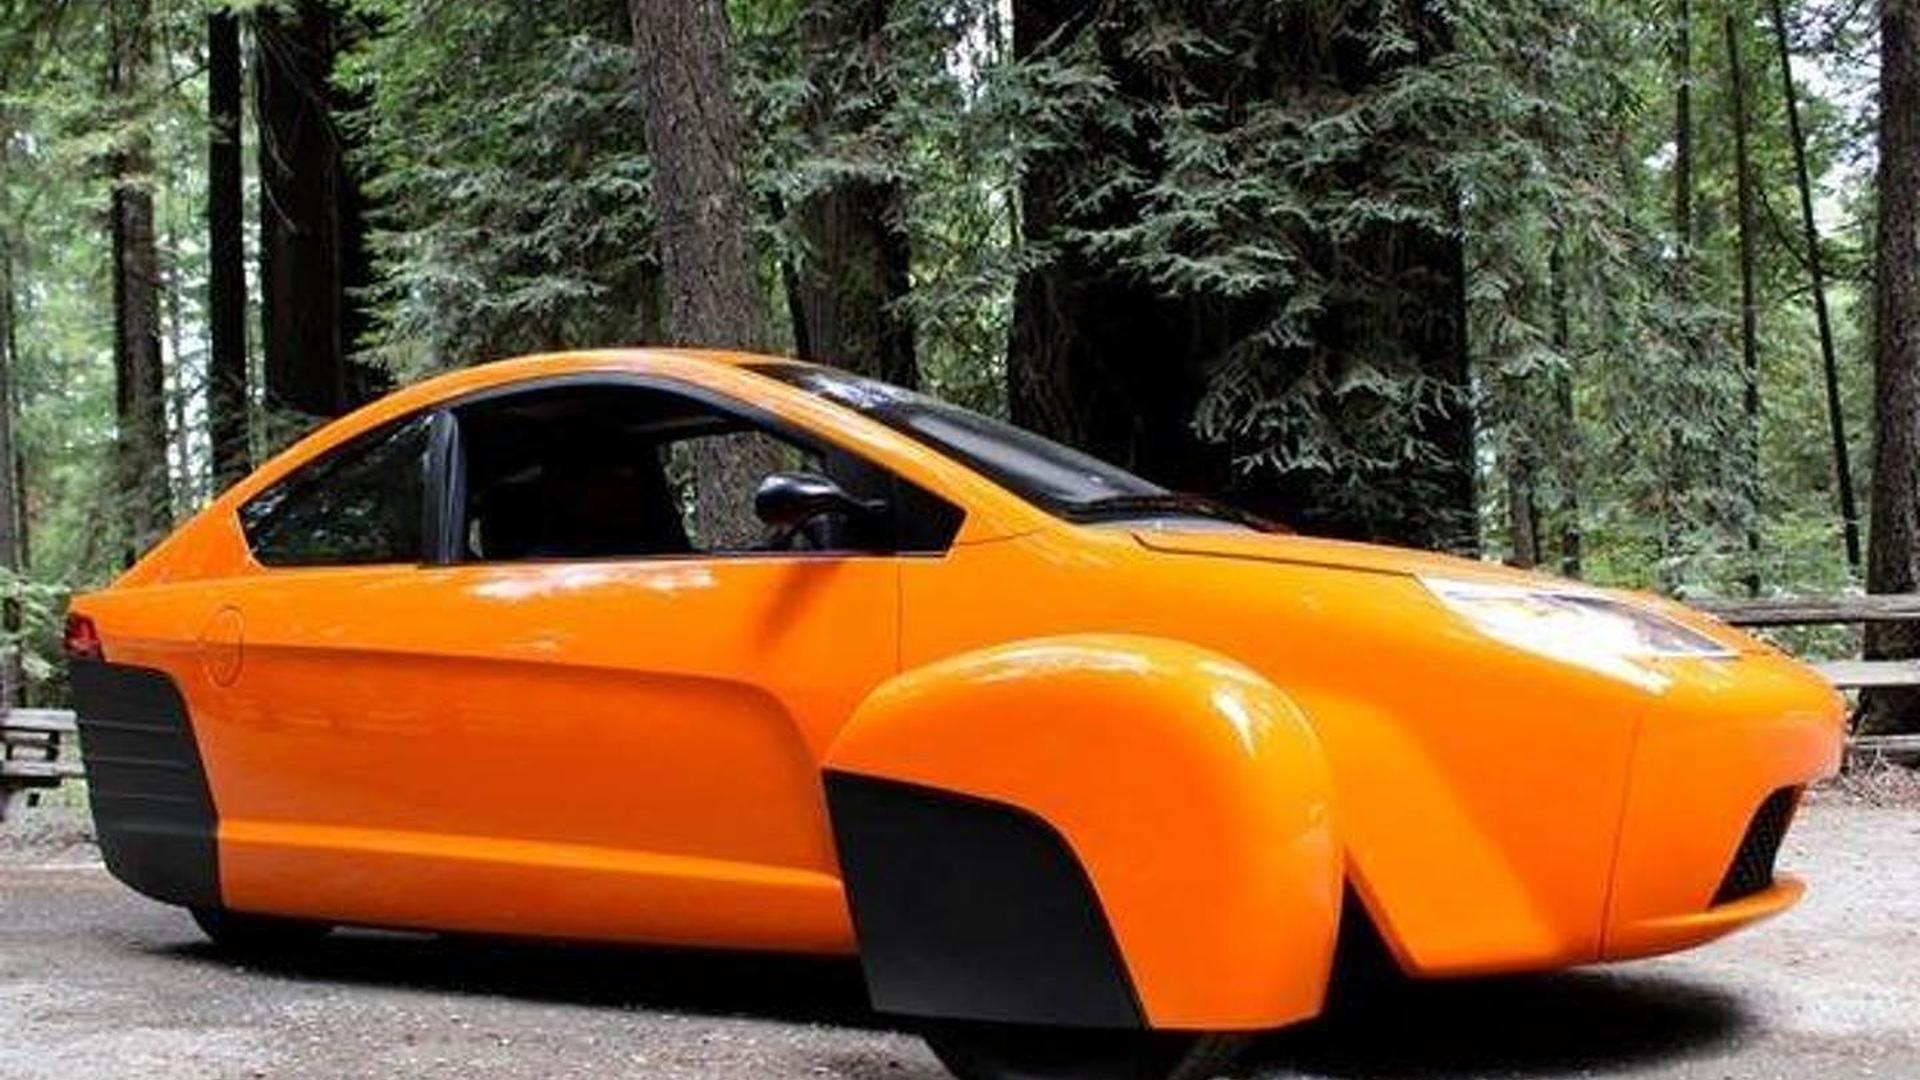 Elio P5 three-wheeler announced, promises to return 84 mpg